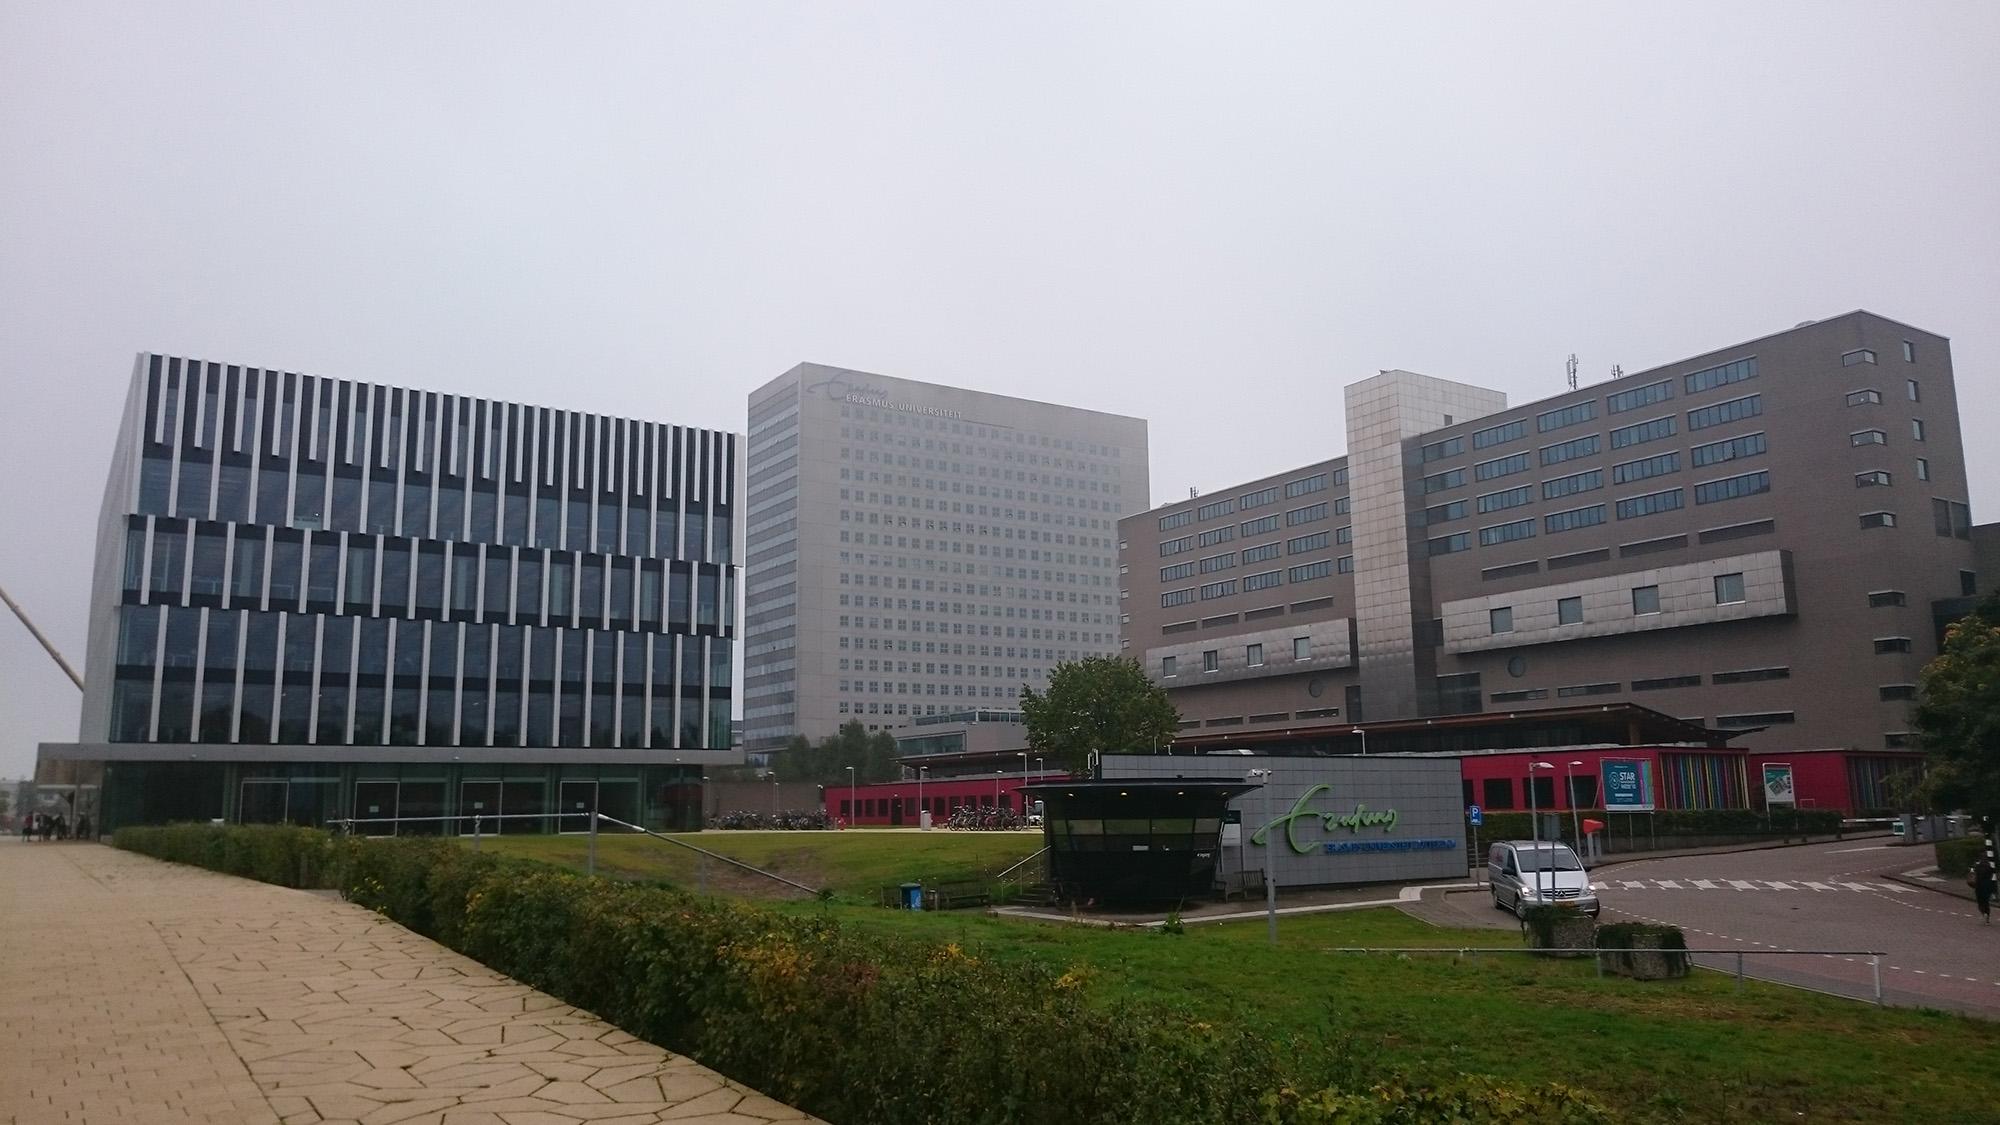 campus polakgebouw t-gebouw mandeville v-gebouw m-gebouw